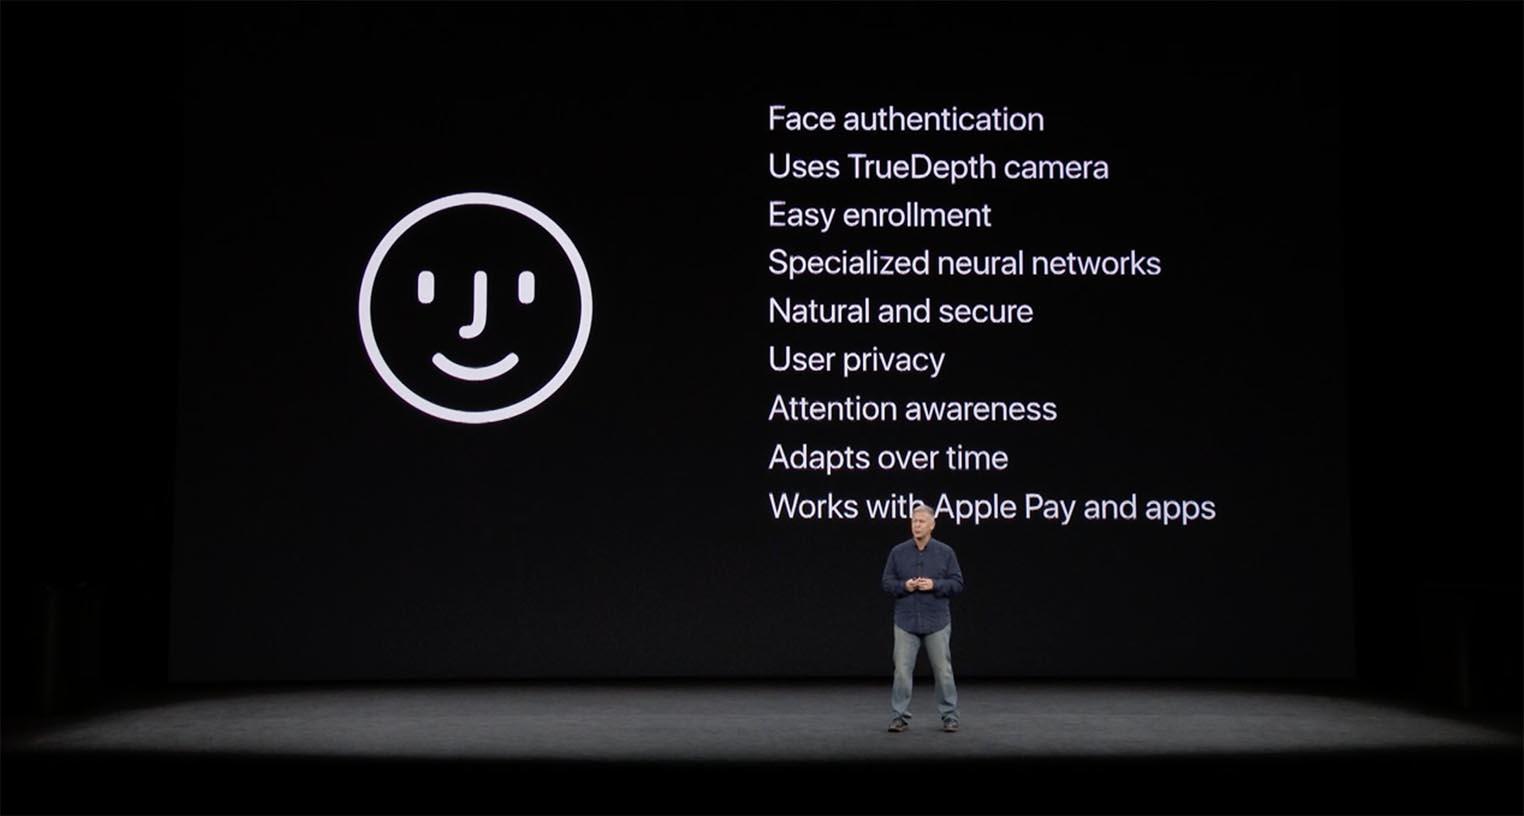 face id apple keynote 1024x548 - La reconnaissance faciale Face ID de l